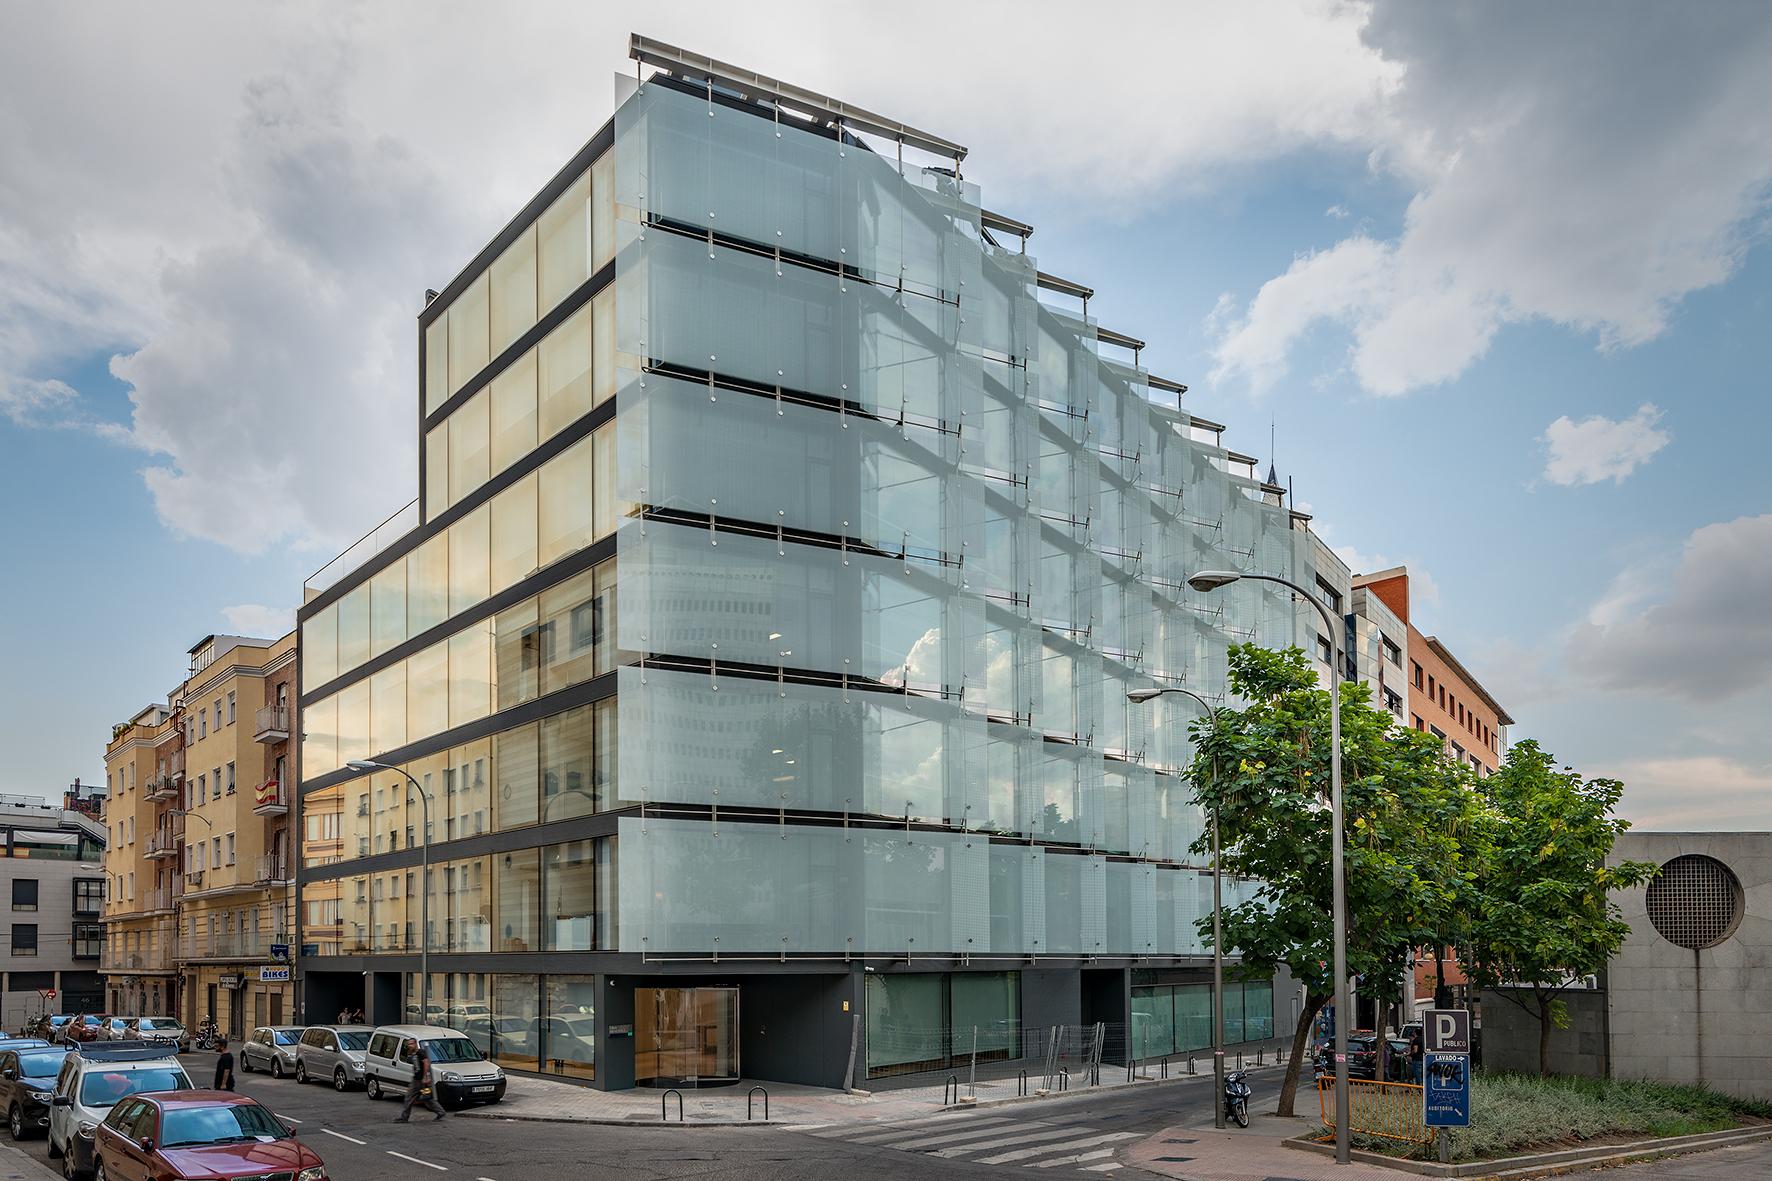 Arquitectura y vidrio se dan la mano en la nueva sede de Uría Menéndez diseñada por Rafael de la Hoz